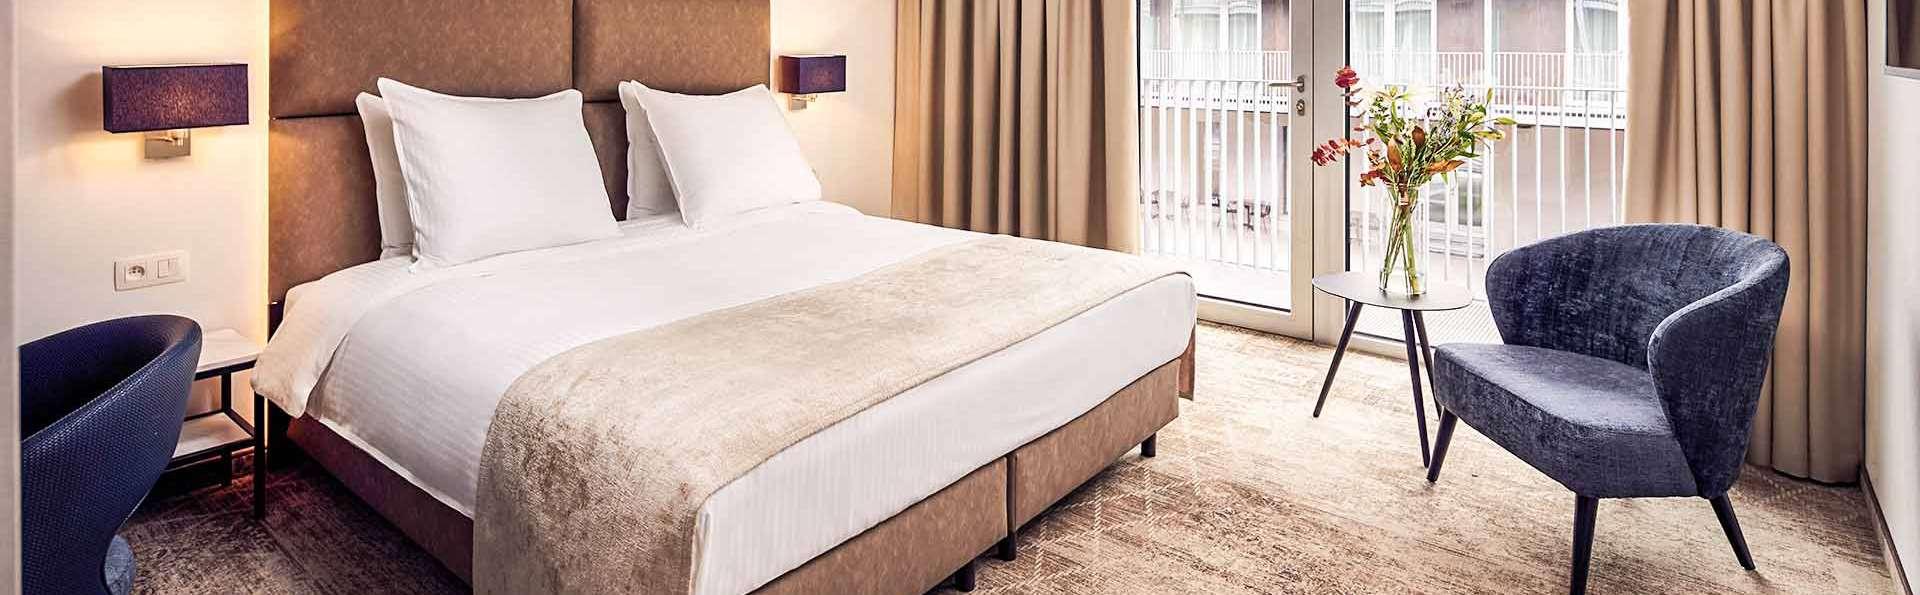 Van der Valk Hotel Mechelen - EDIT_VDV_Mechelen_14.jpg